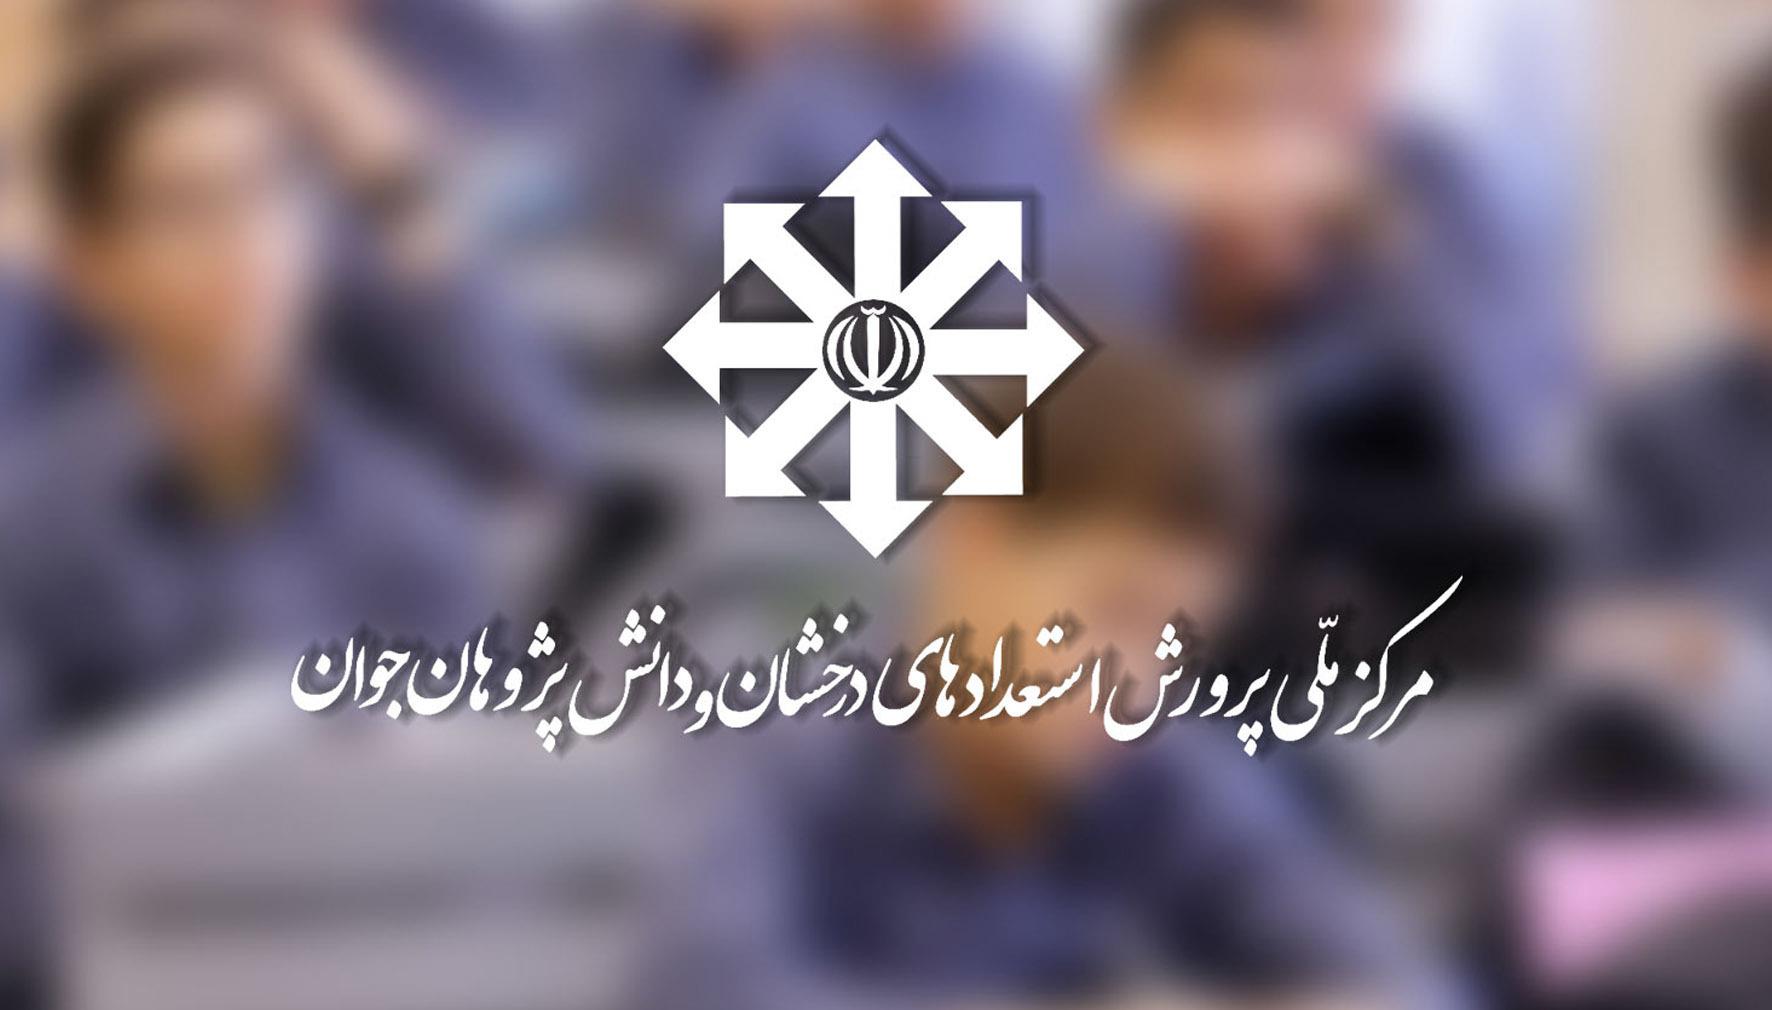 ثبت نام مدارس استعدادهای درخشان 1400-1401